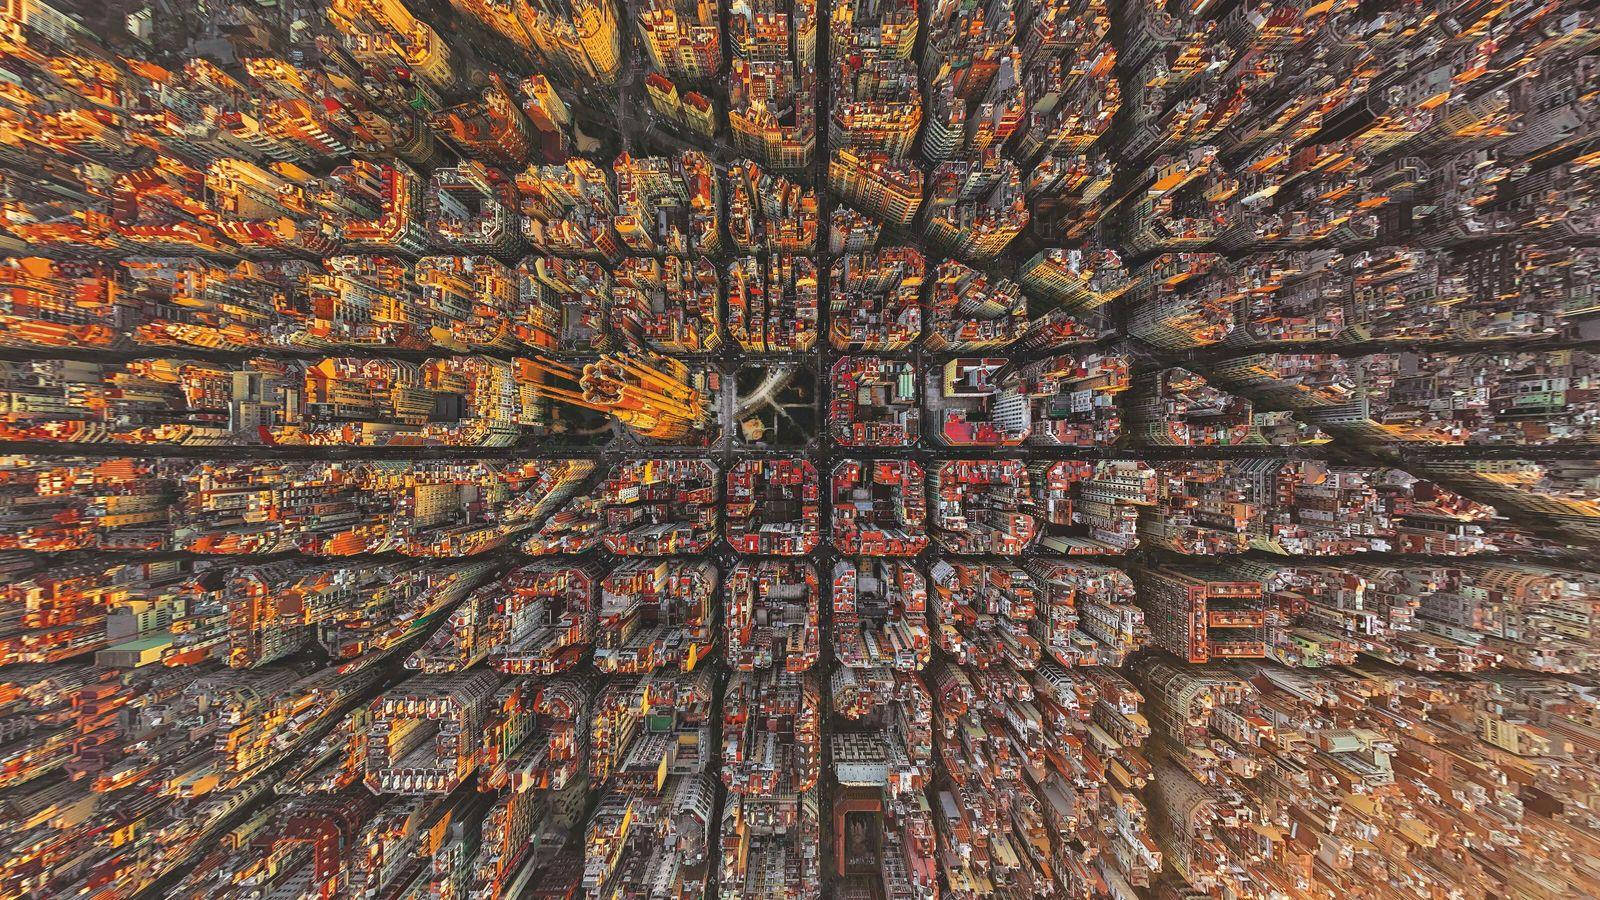 Les flèches de la Sagrada Família de Gaudí s'élèvent de la mosaïque barcelonaise.